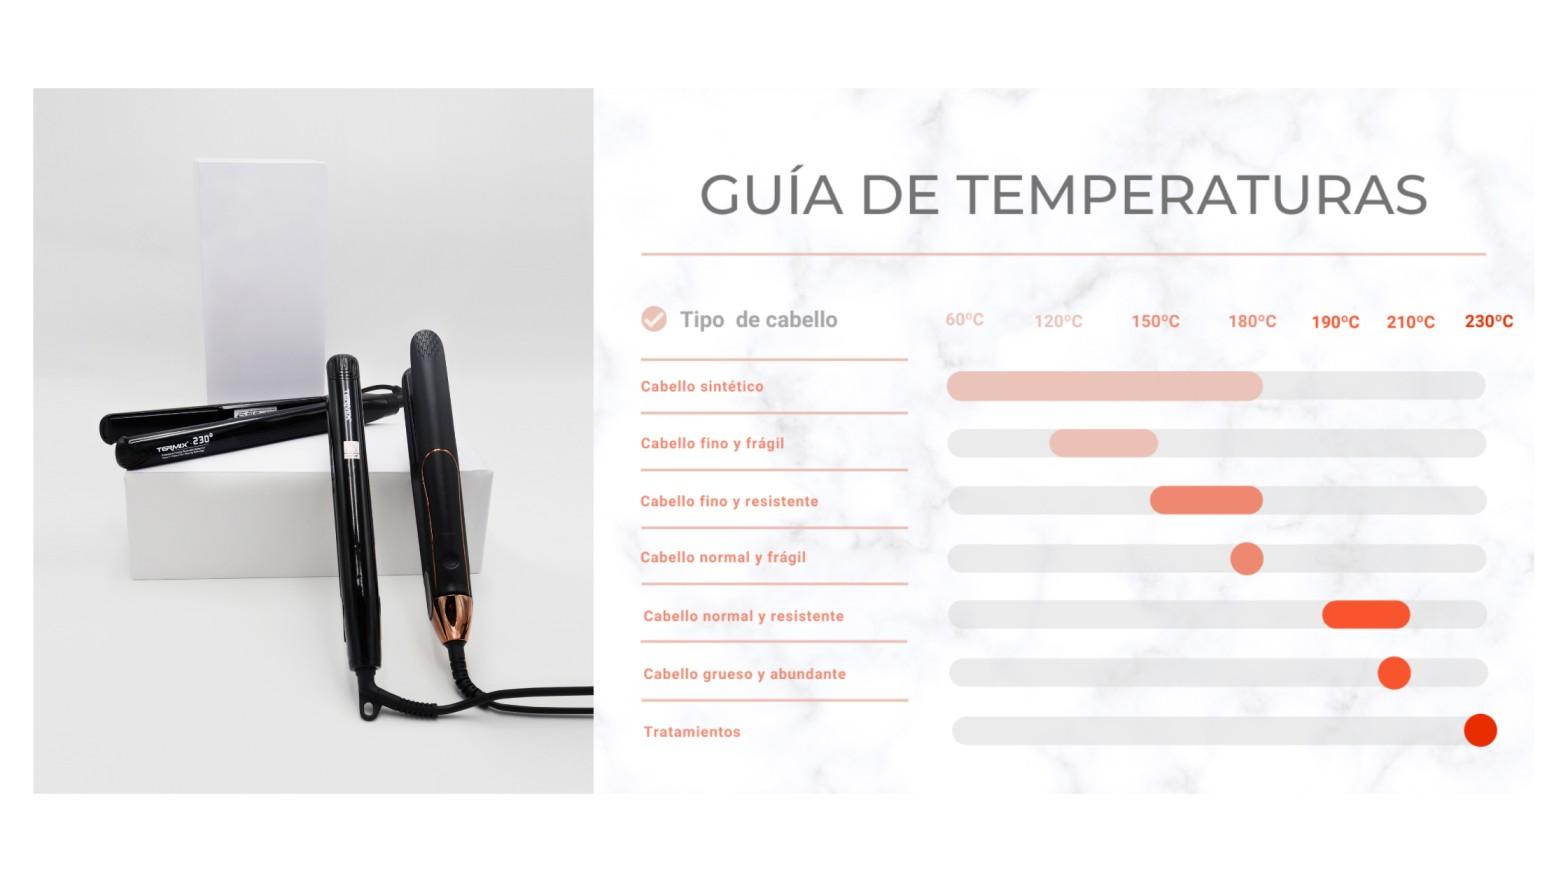 Guía de temperaturas para plancha de pelo